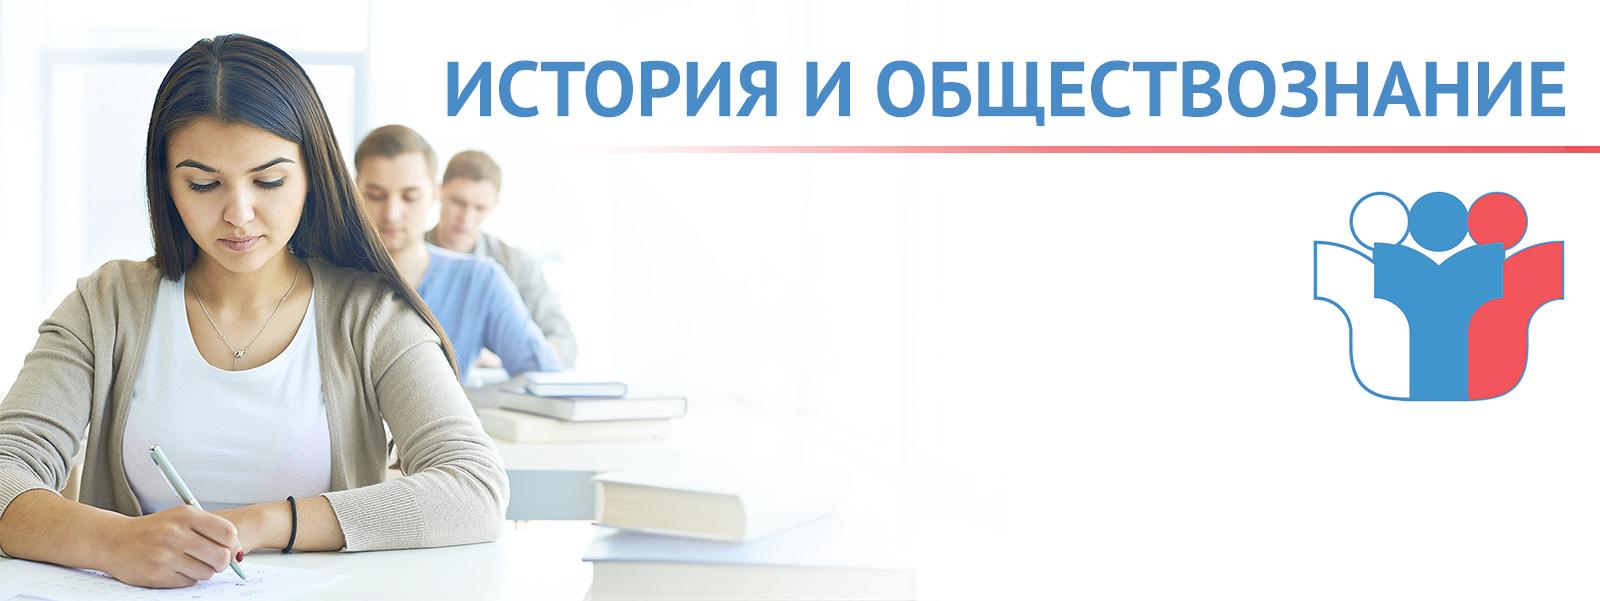 Подготовительные курсы к ЕГЭ по истории и обществознанию